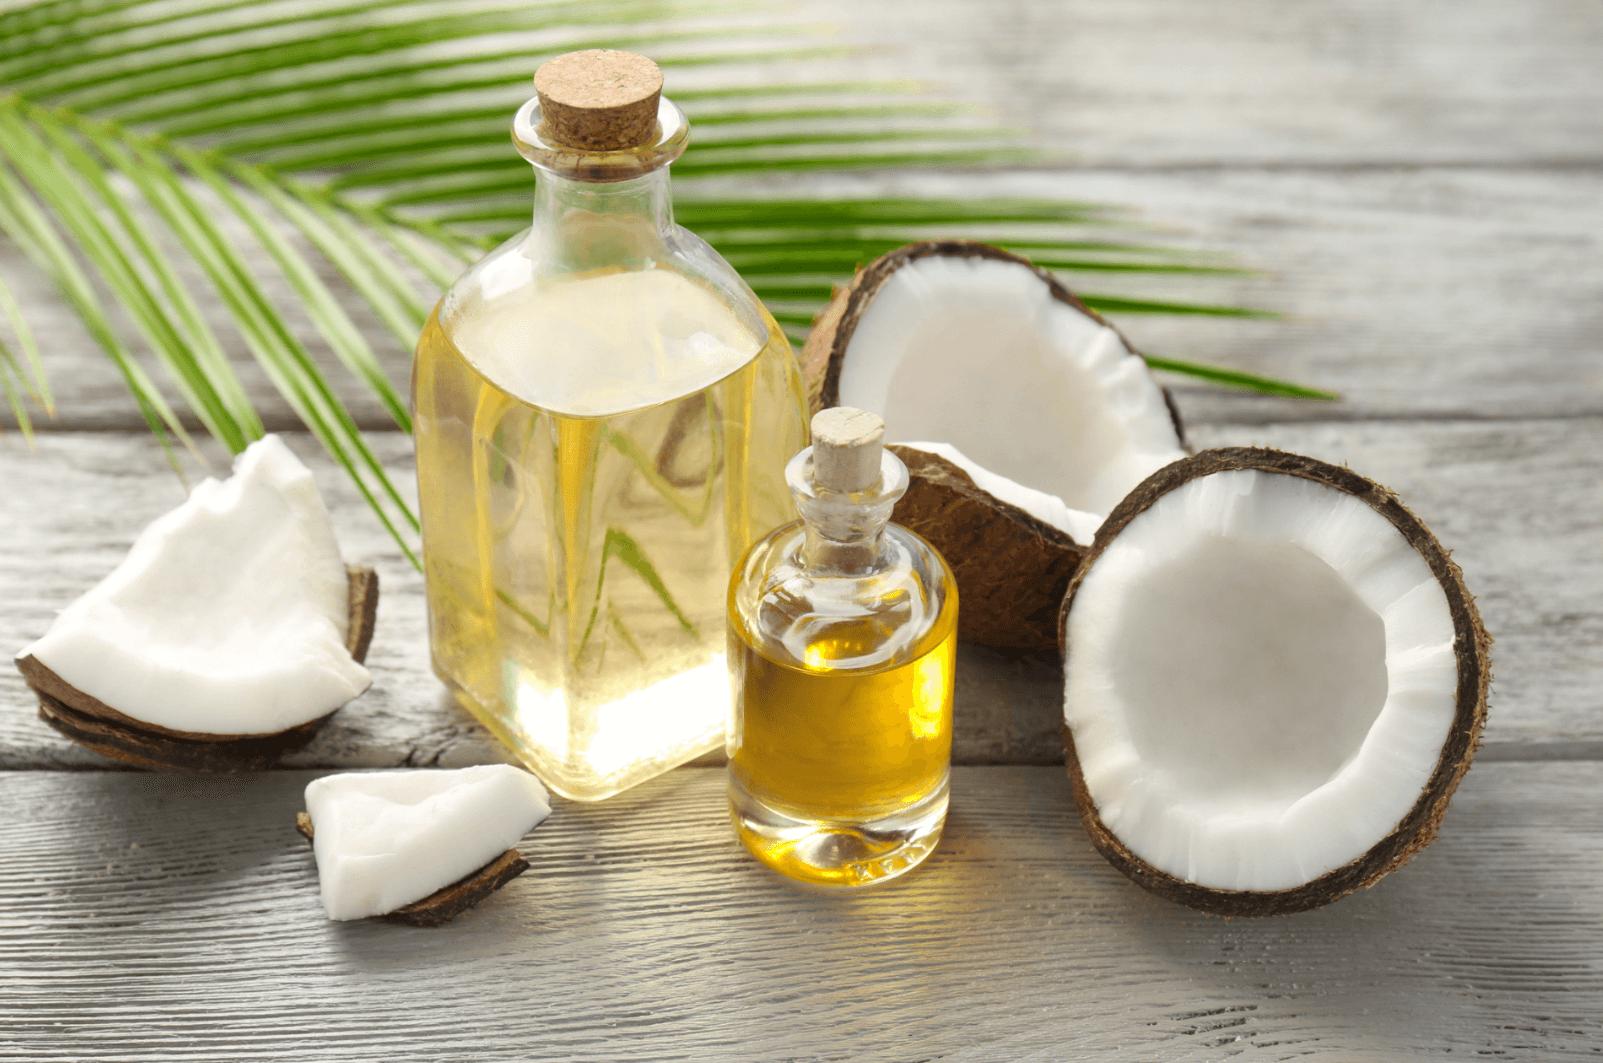 Junk foods - oils